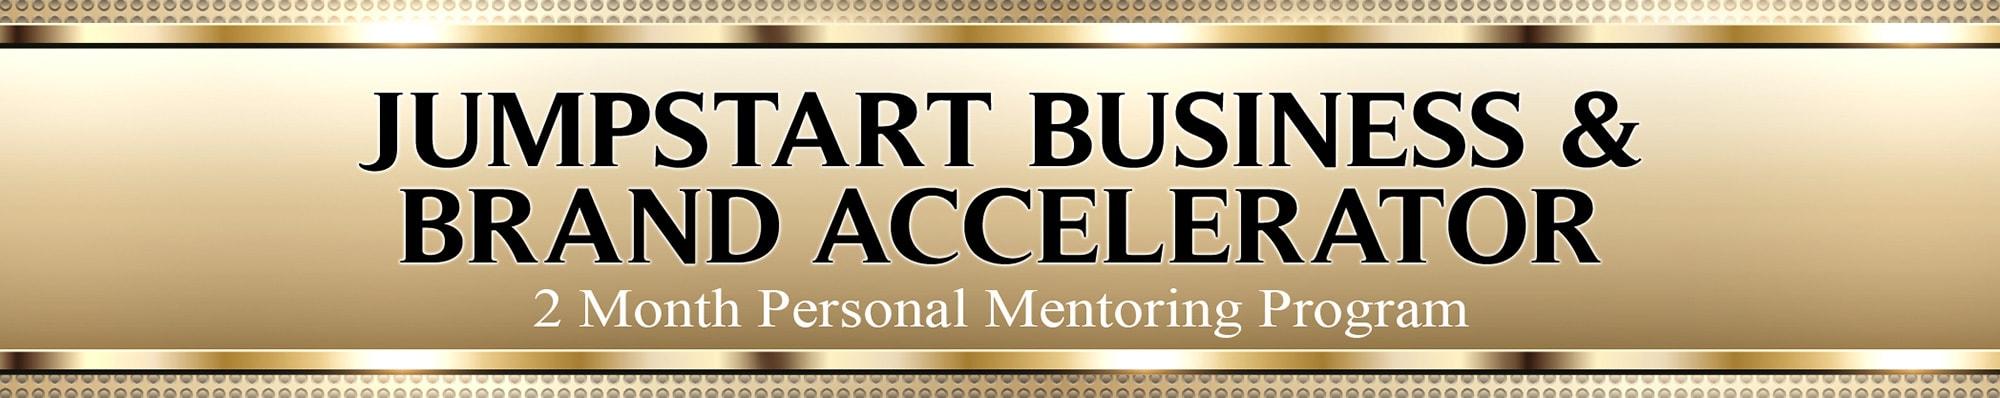 Jumpstart Business Brand Accelerator banner